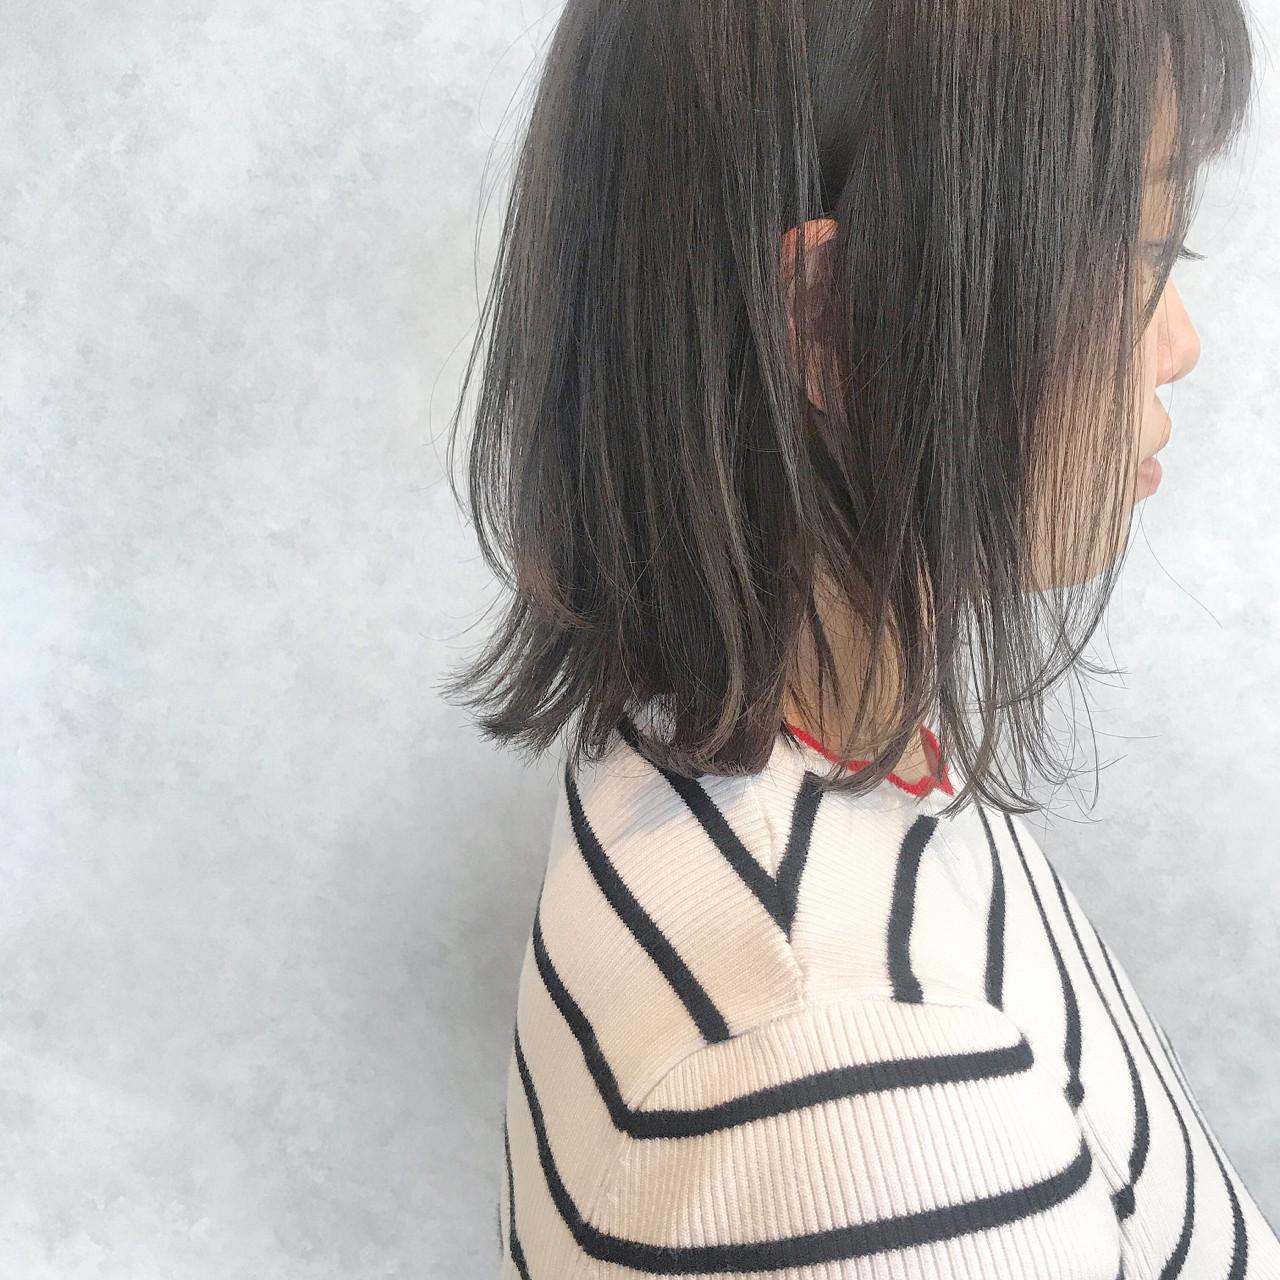 ヘアアレンジ ボブ オフィス 夏 ヘアスタイルや髪型の写真・画像 | 北田 ゆうすけ / December/